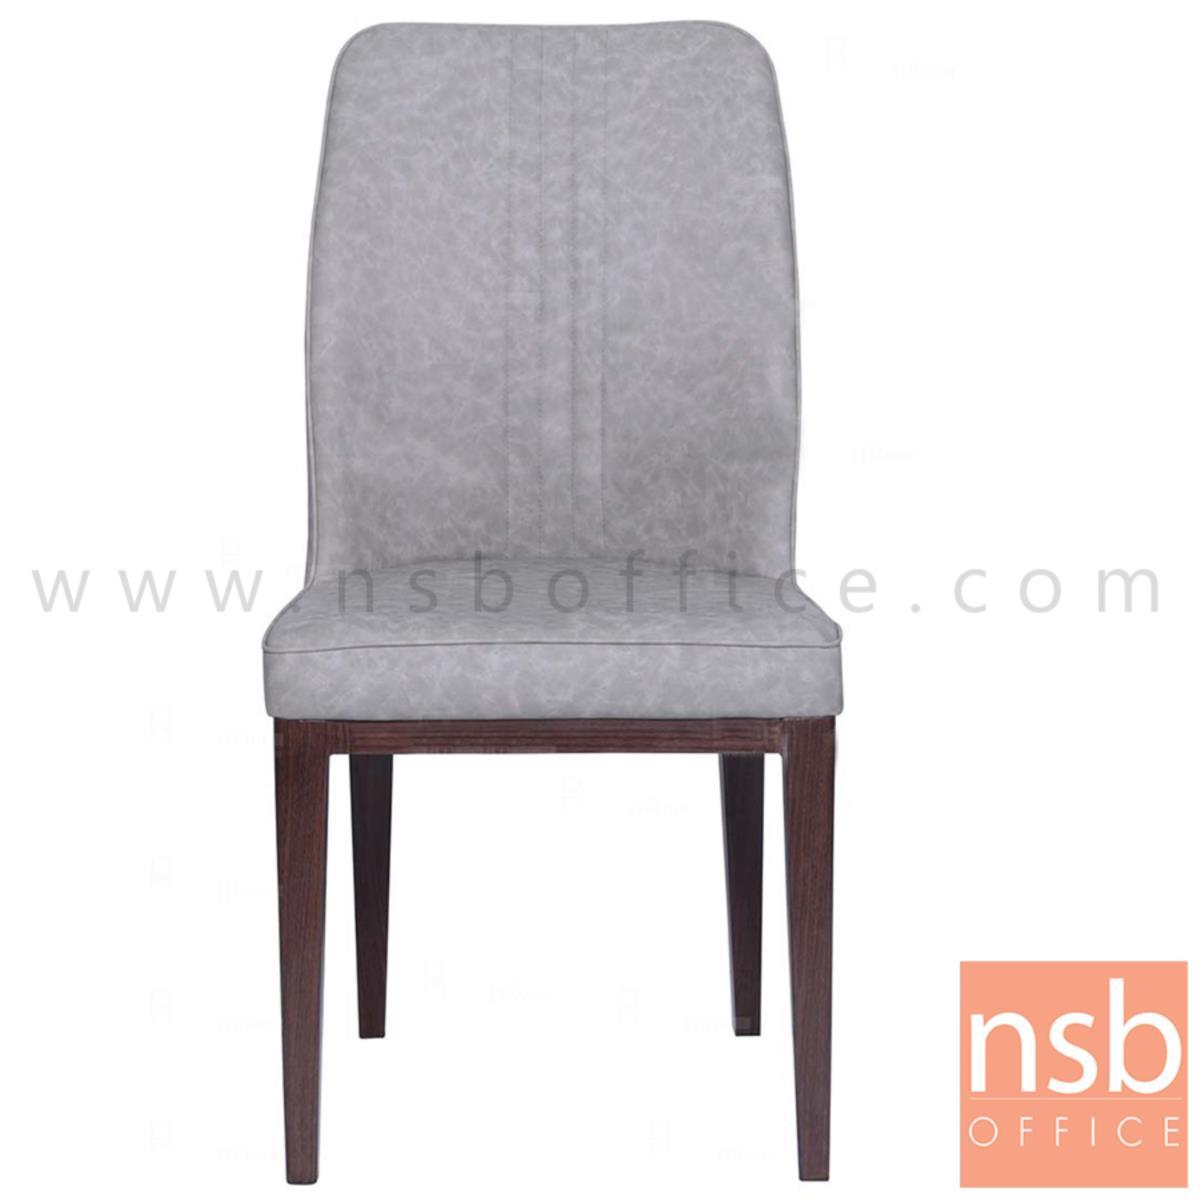 B22A190:เก้าอี้ไม้ที่นั่งหุ้มหนังเทียม รุ่น Waterston (วอเตอร์สตัน)  ขาเหล็ก